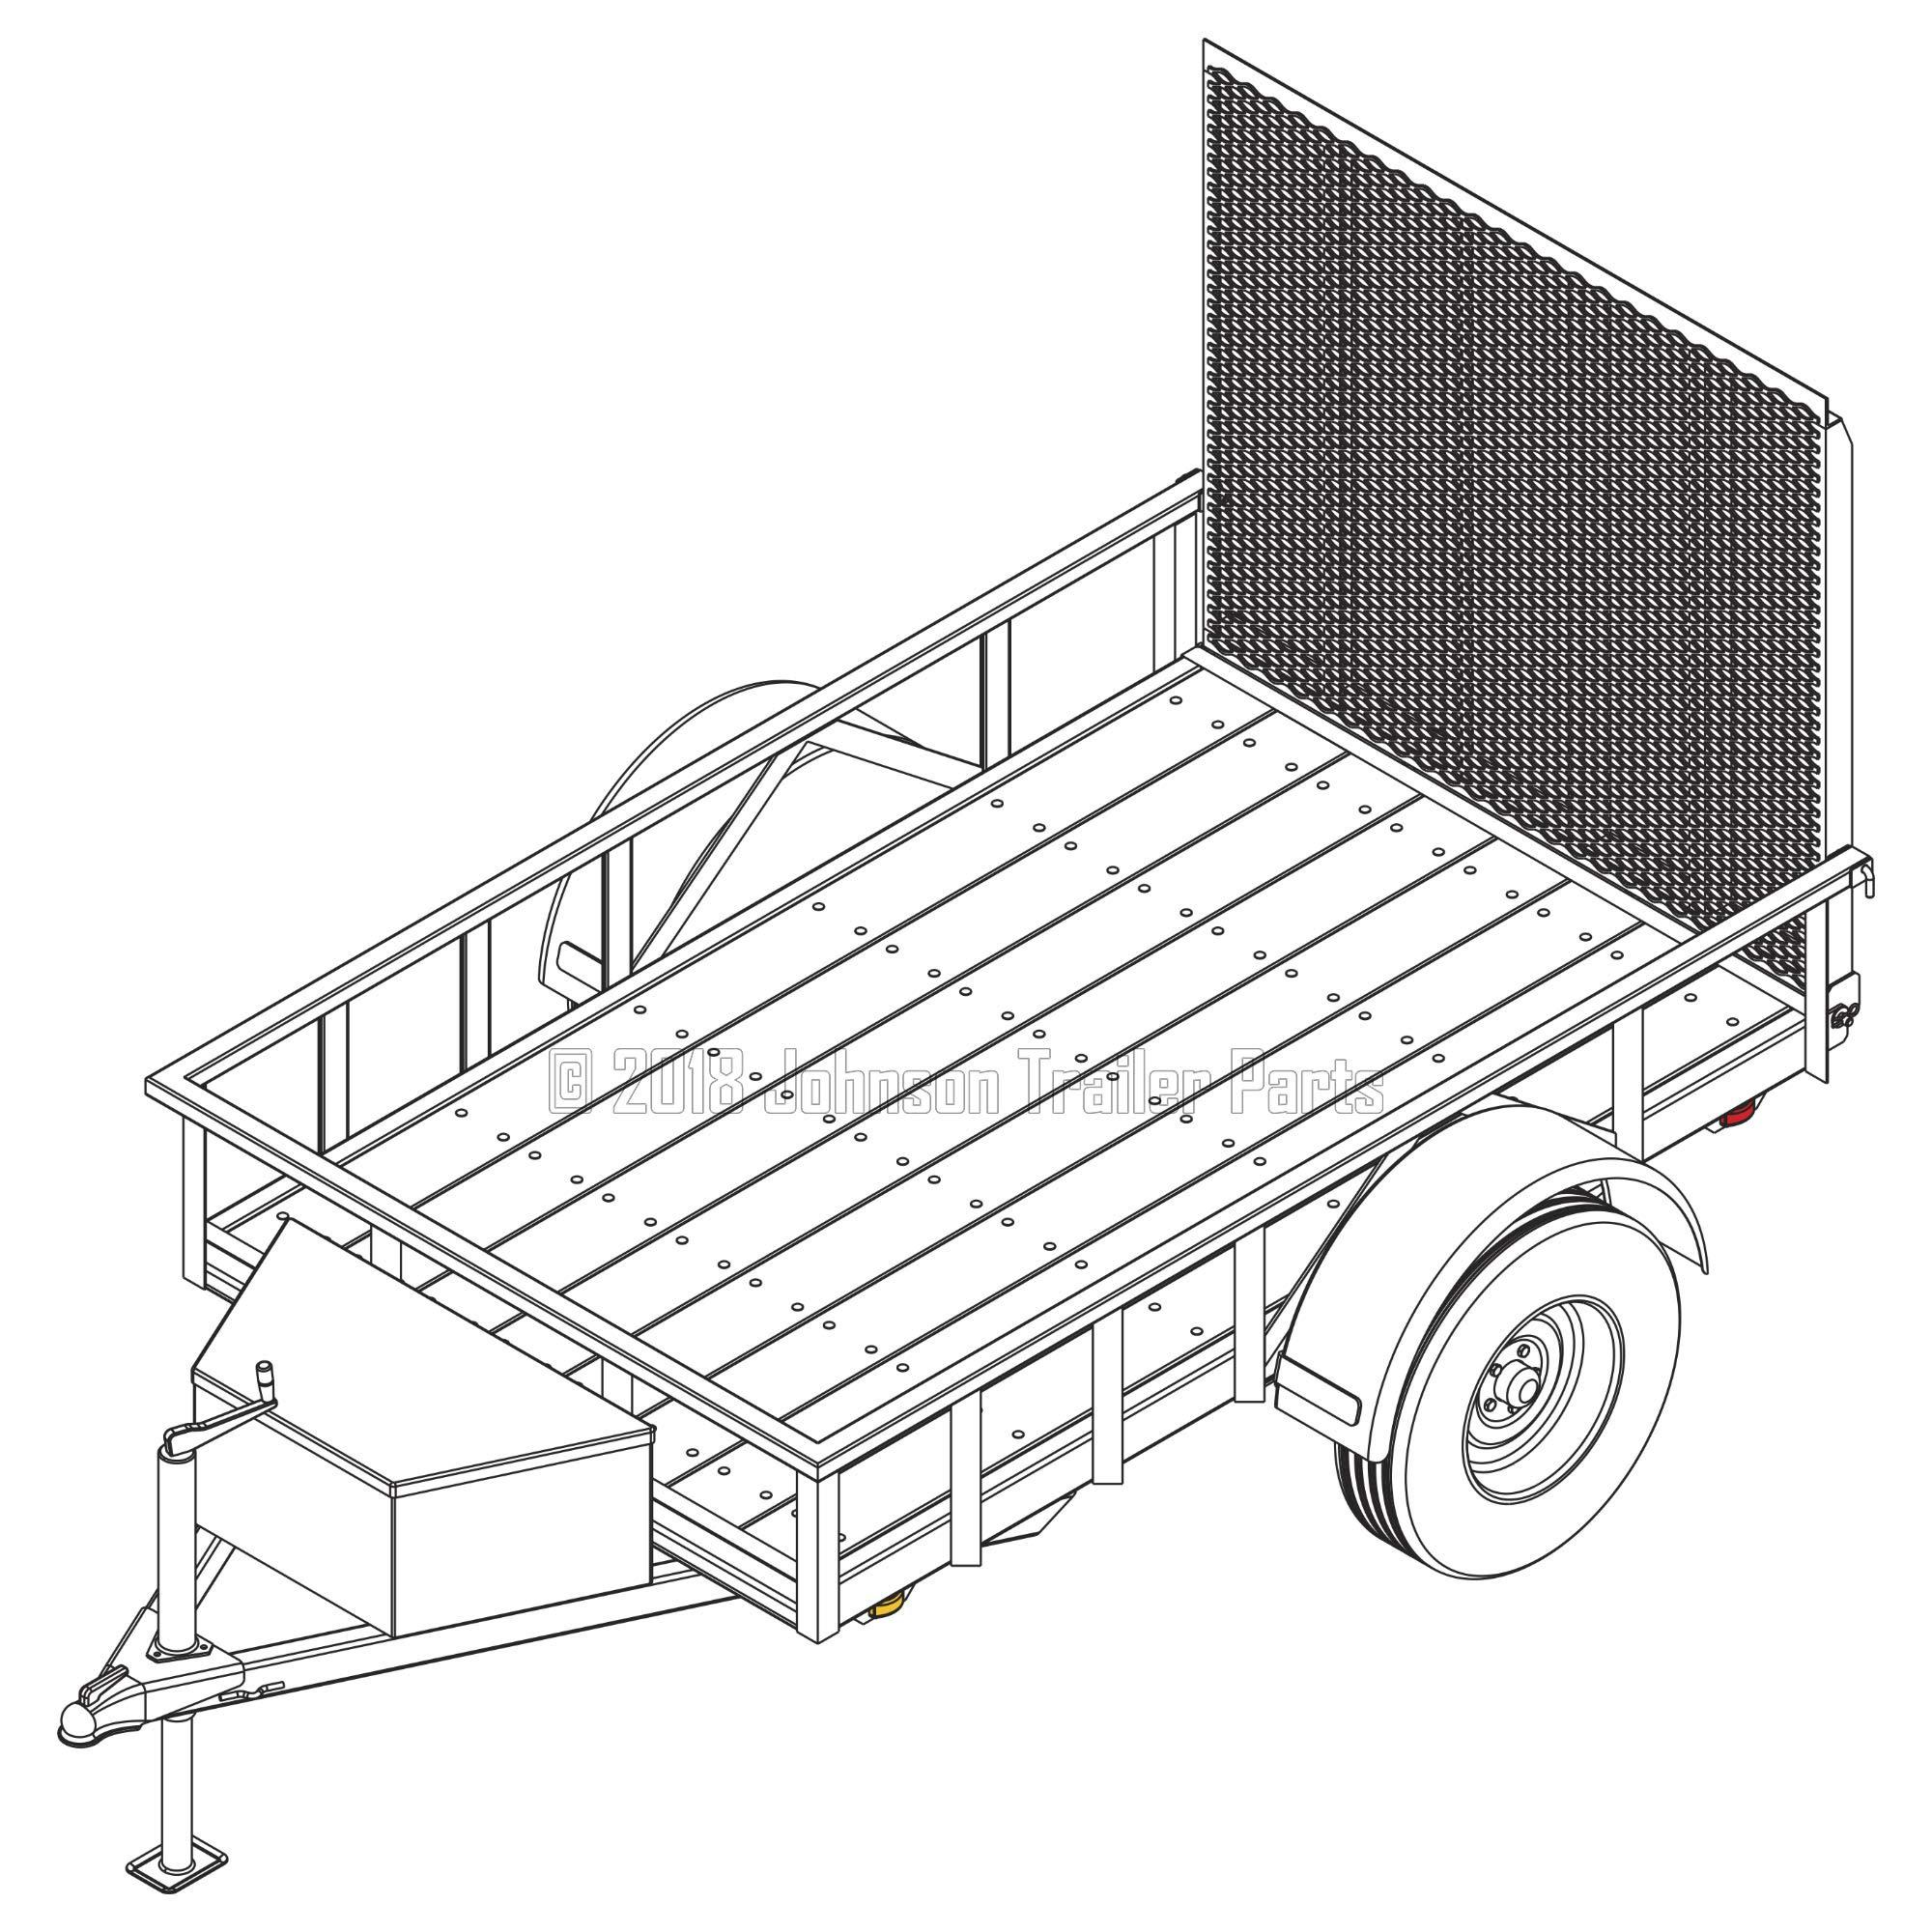 5′ x 8′ Utility Trailer Plans - 3,500 lb Capacity | Trailer Blueprints Model U60-96-35J by Johnson Trailer Parts